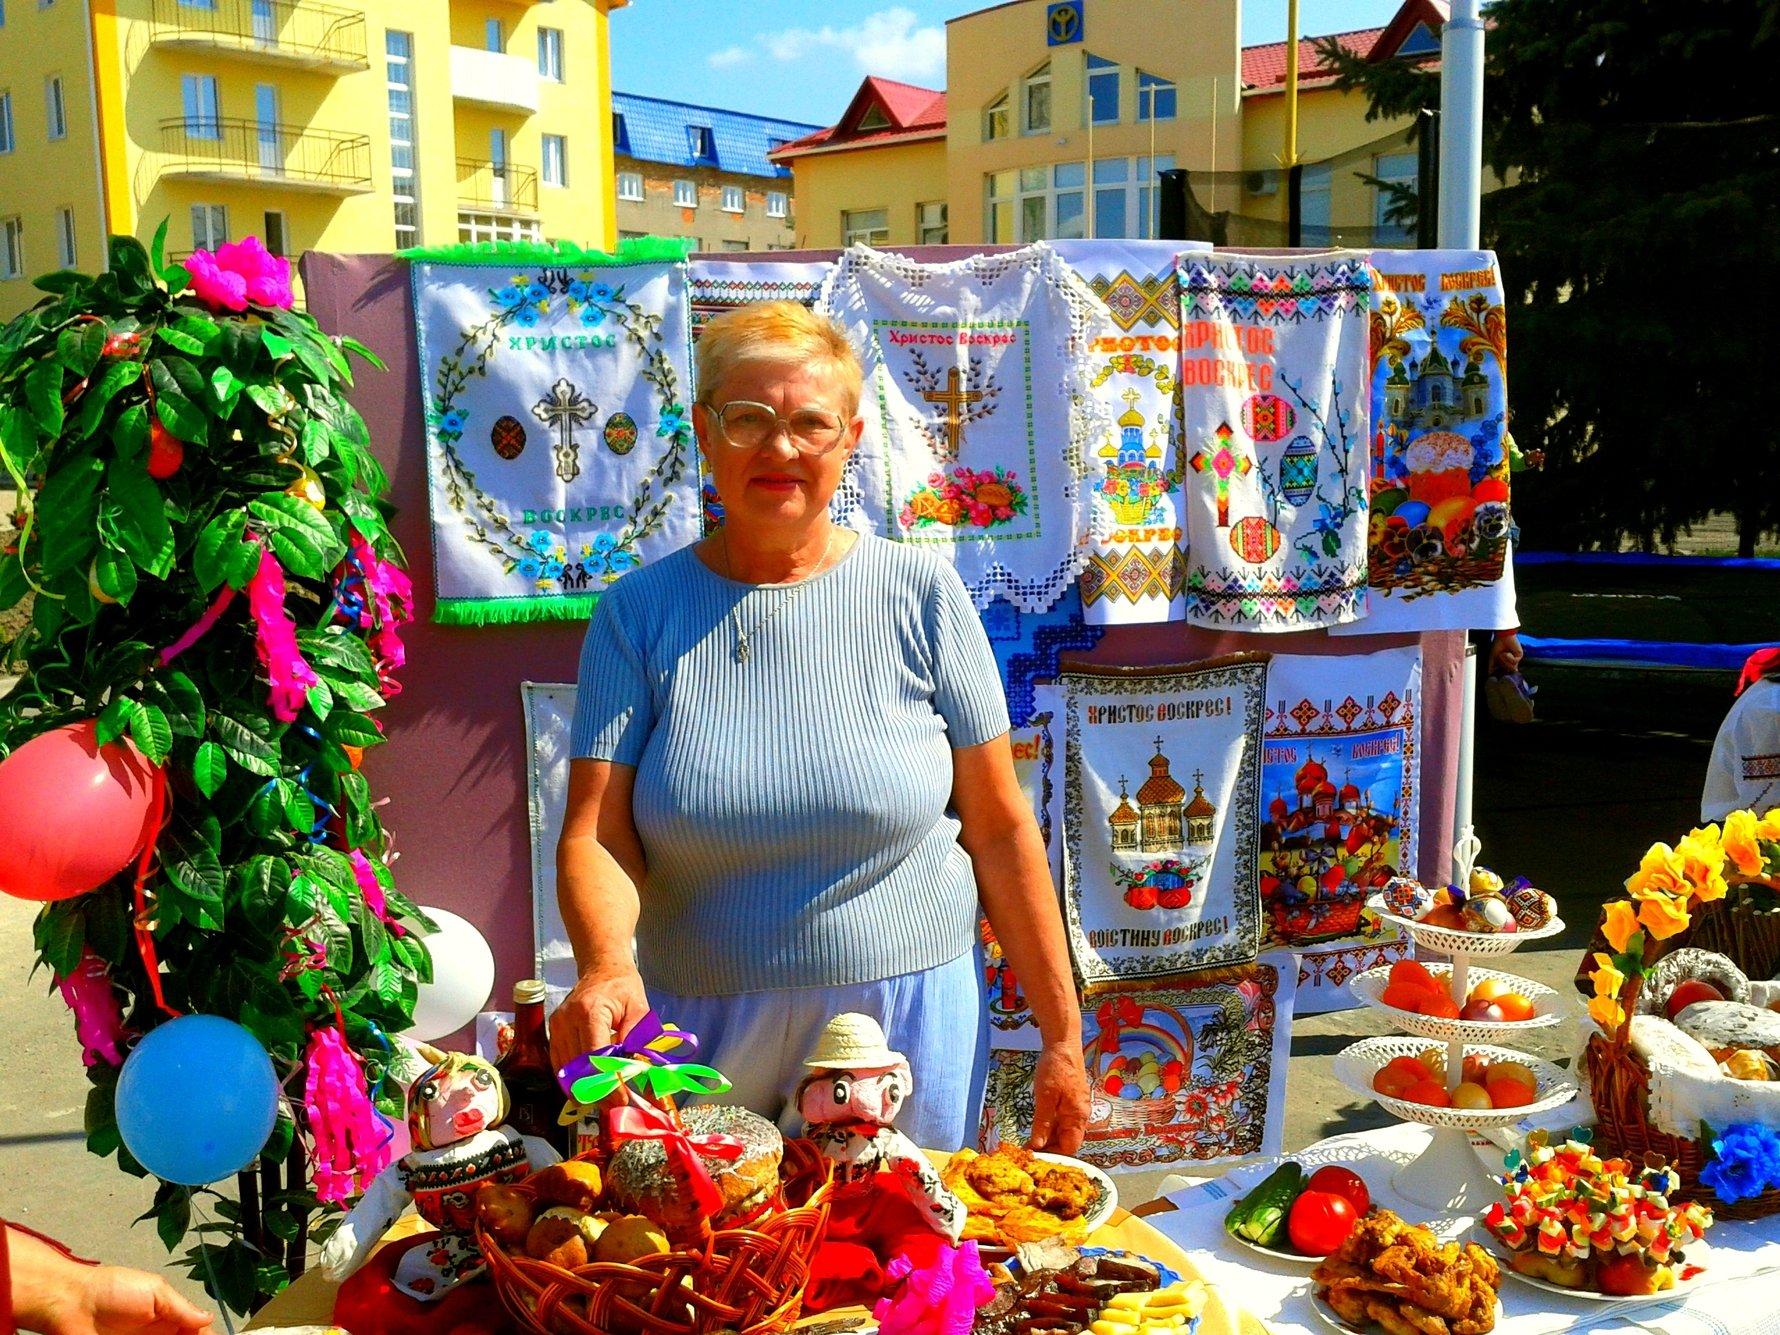 Orthodox Easter Festival in Ukraine © CC / Viktor O. Ledenyo